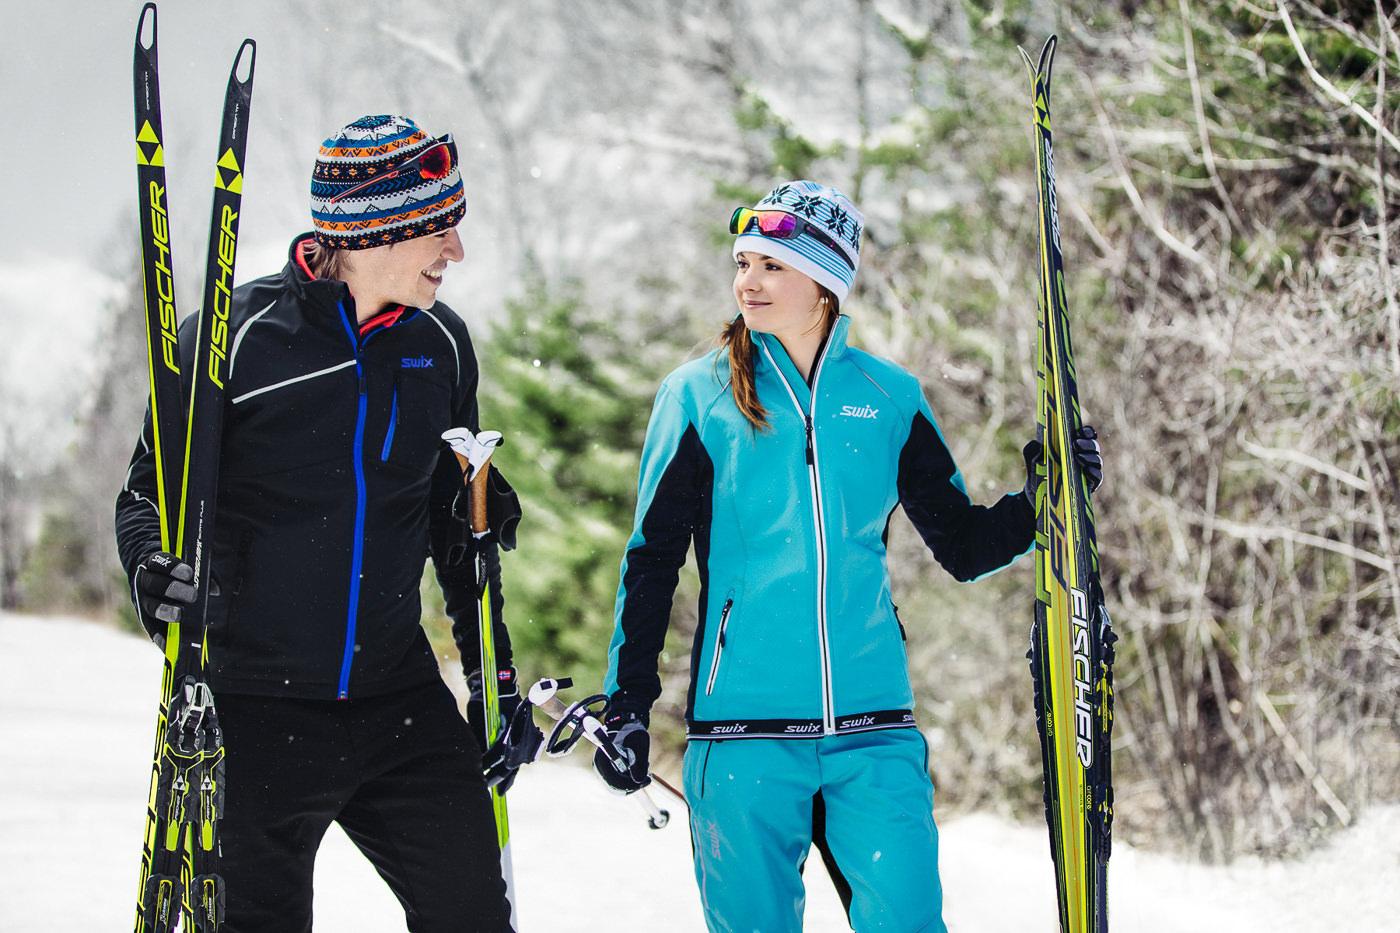 Gear swix de ski de fond, deux personnes dans la foret